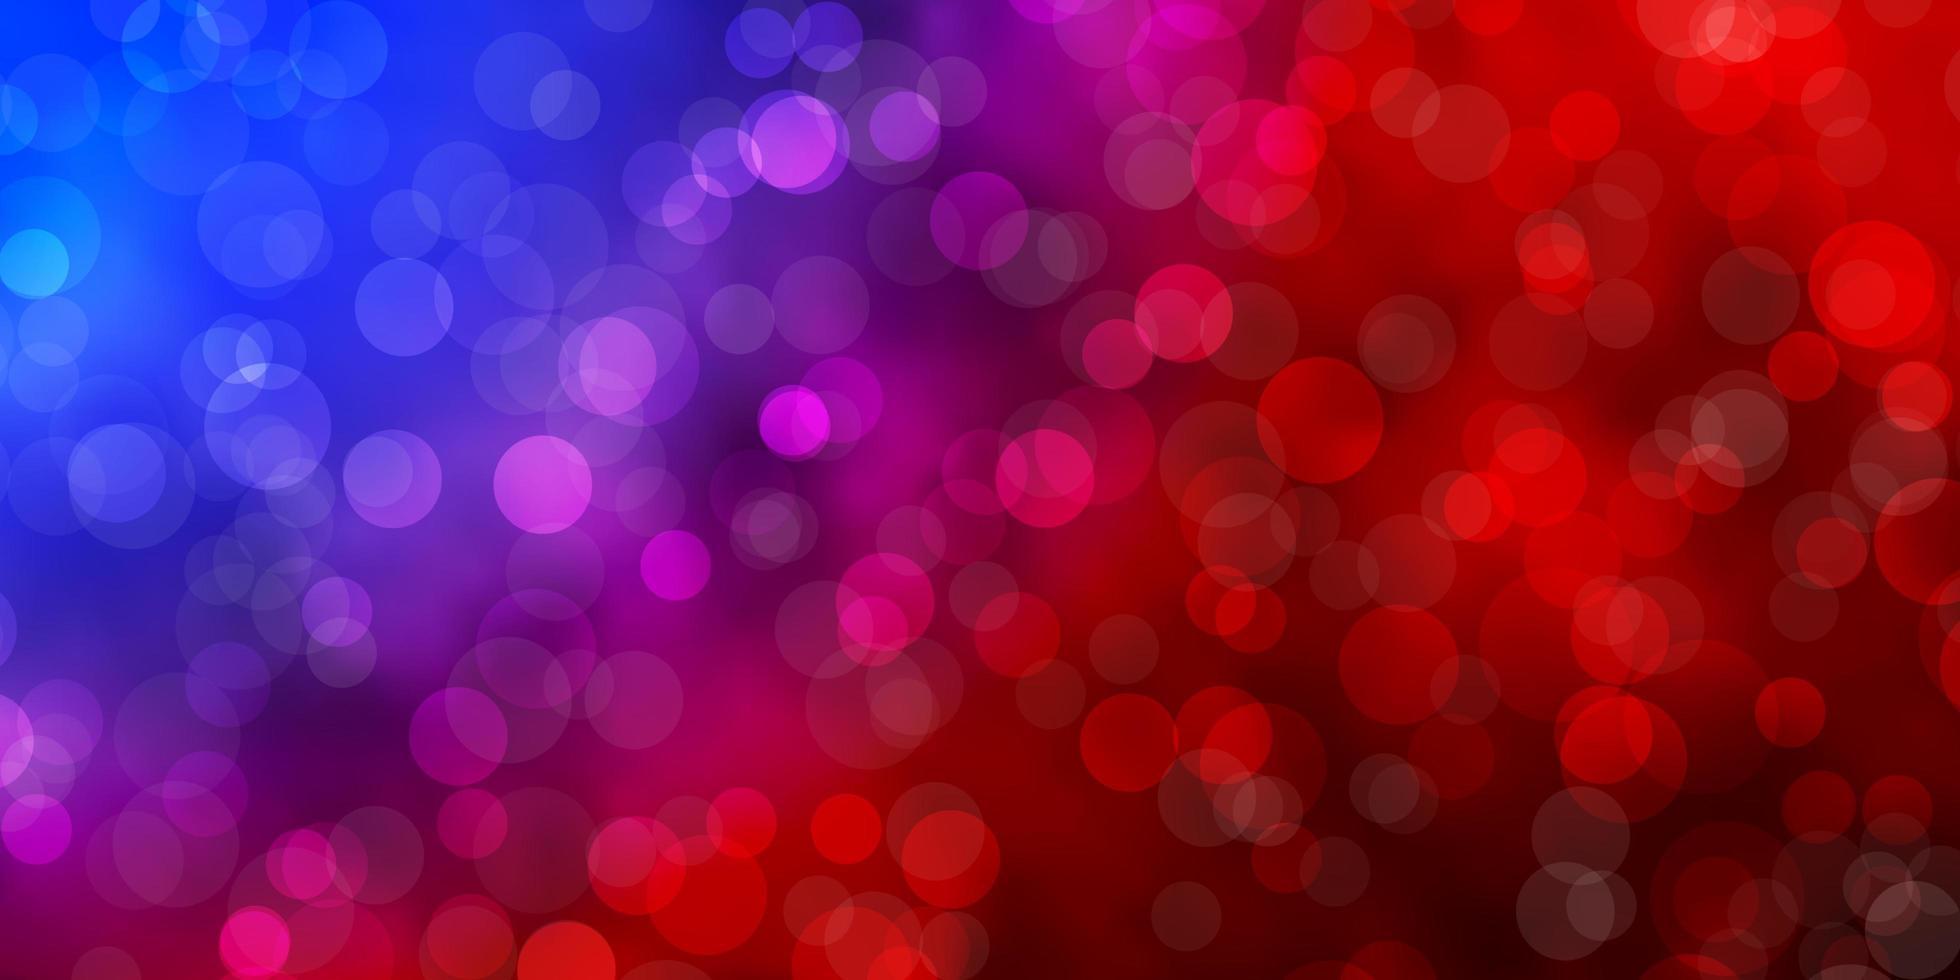 lichtblauw, rood patroon met cirkels. vector